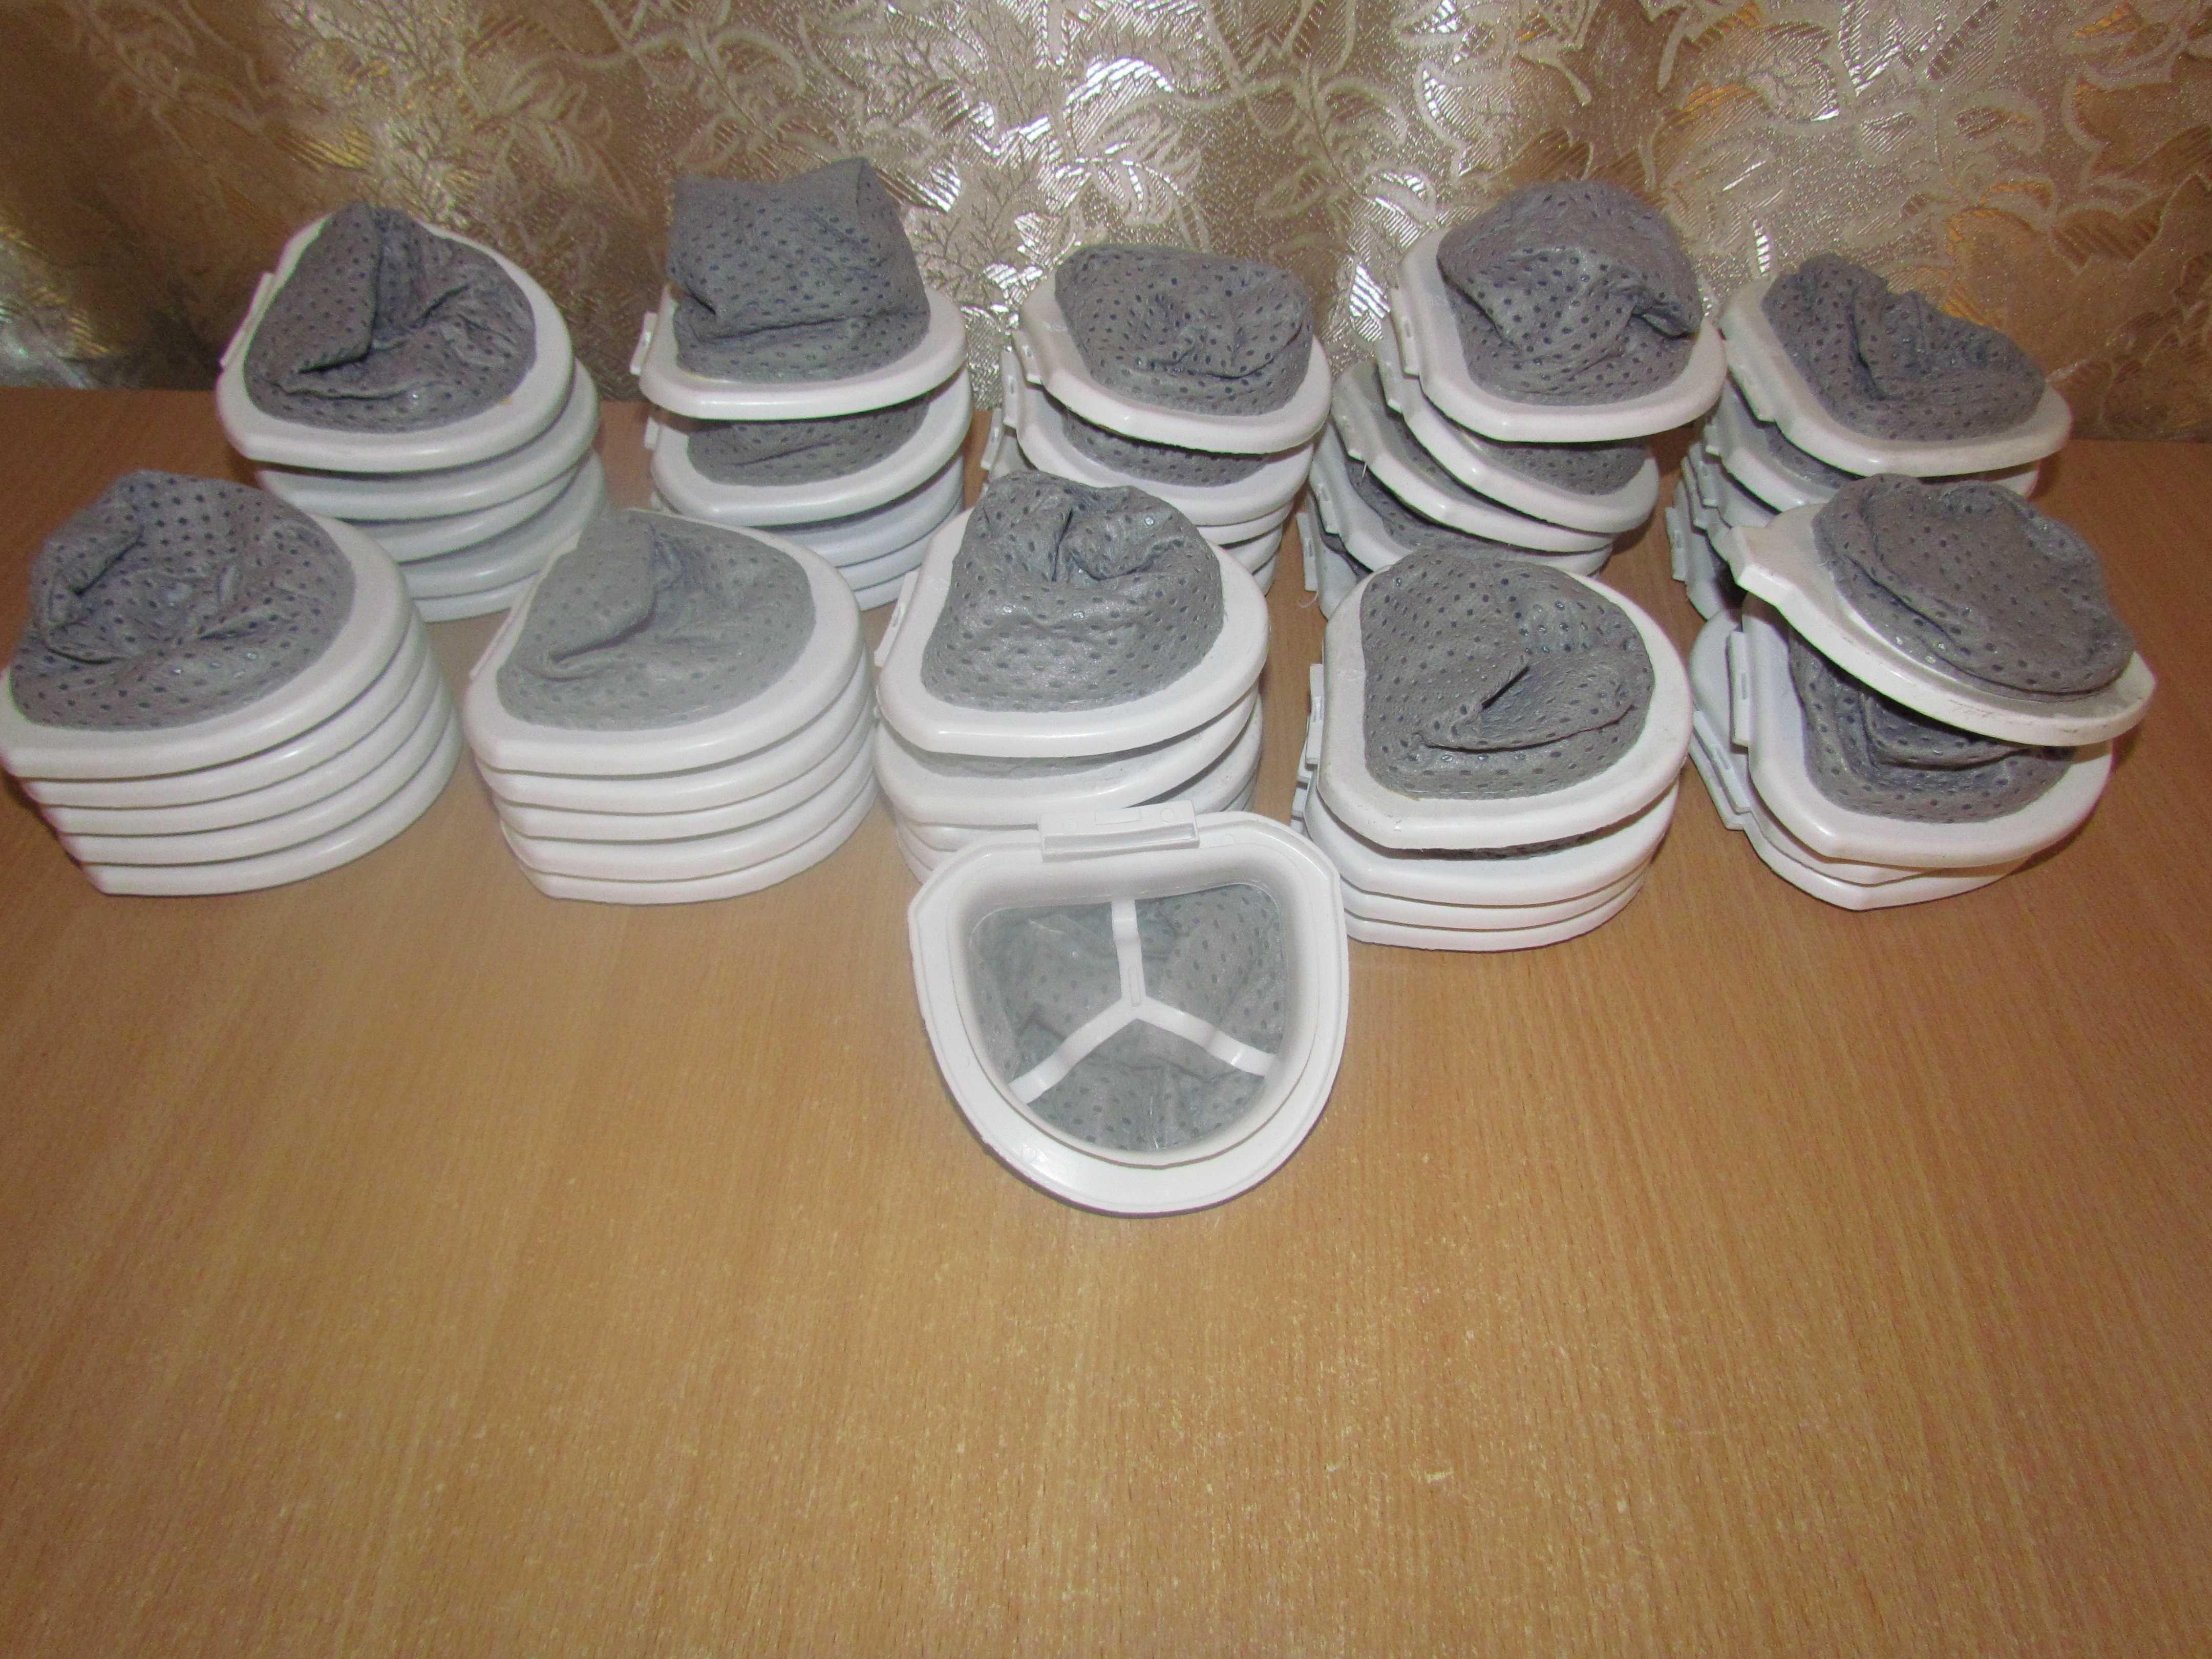 Фильтры для пылесосов. 50шт. из Германии